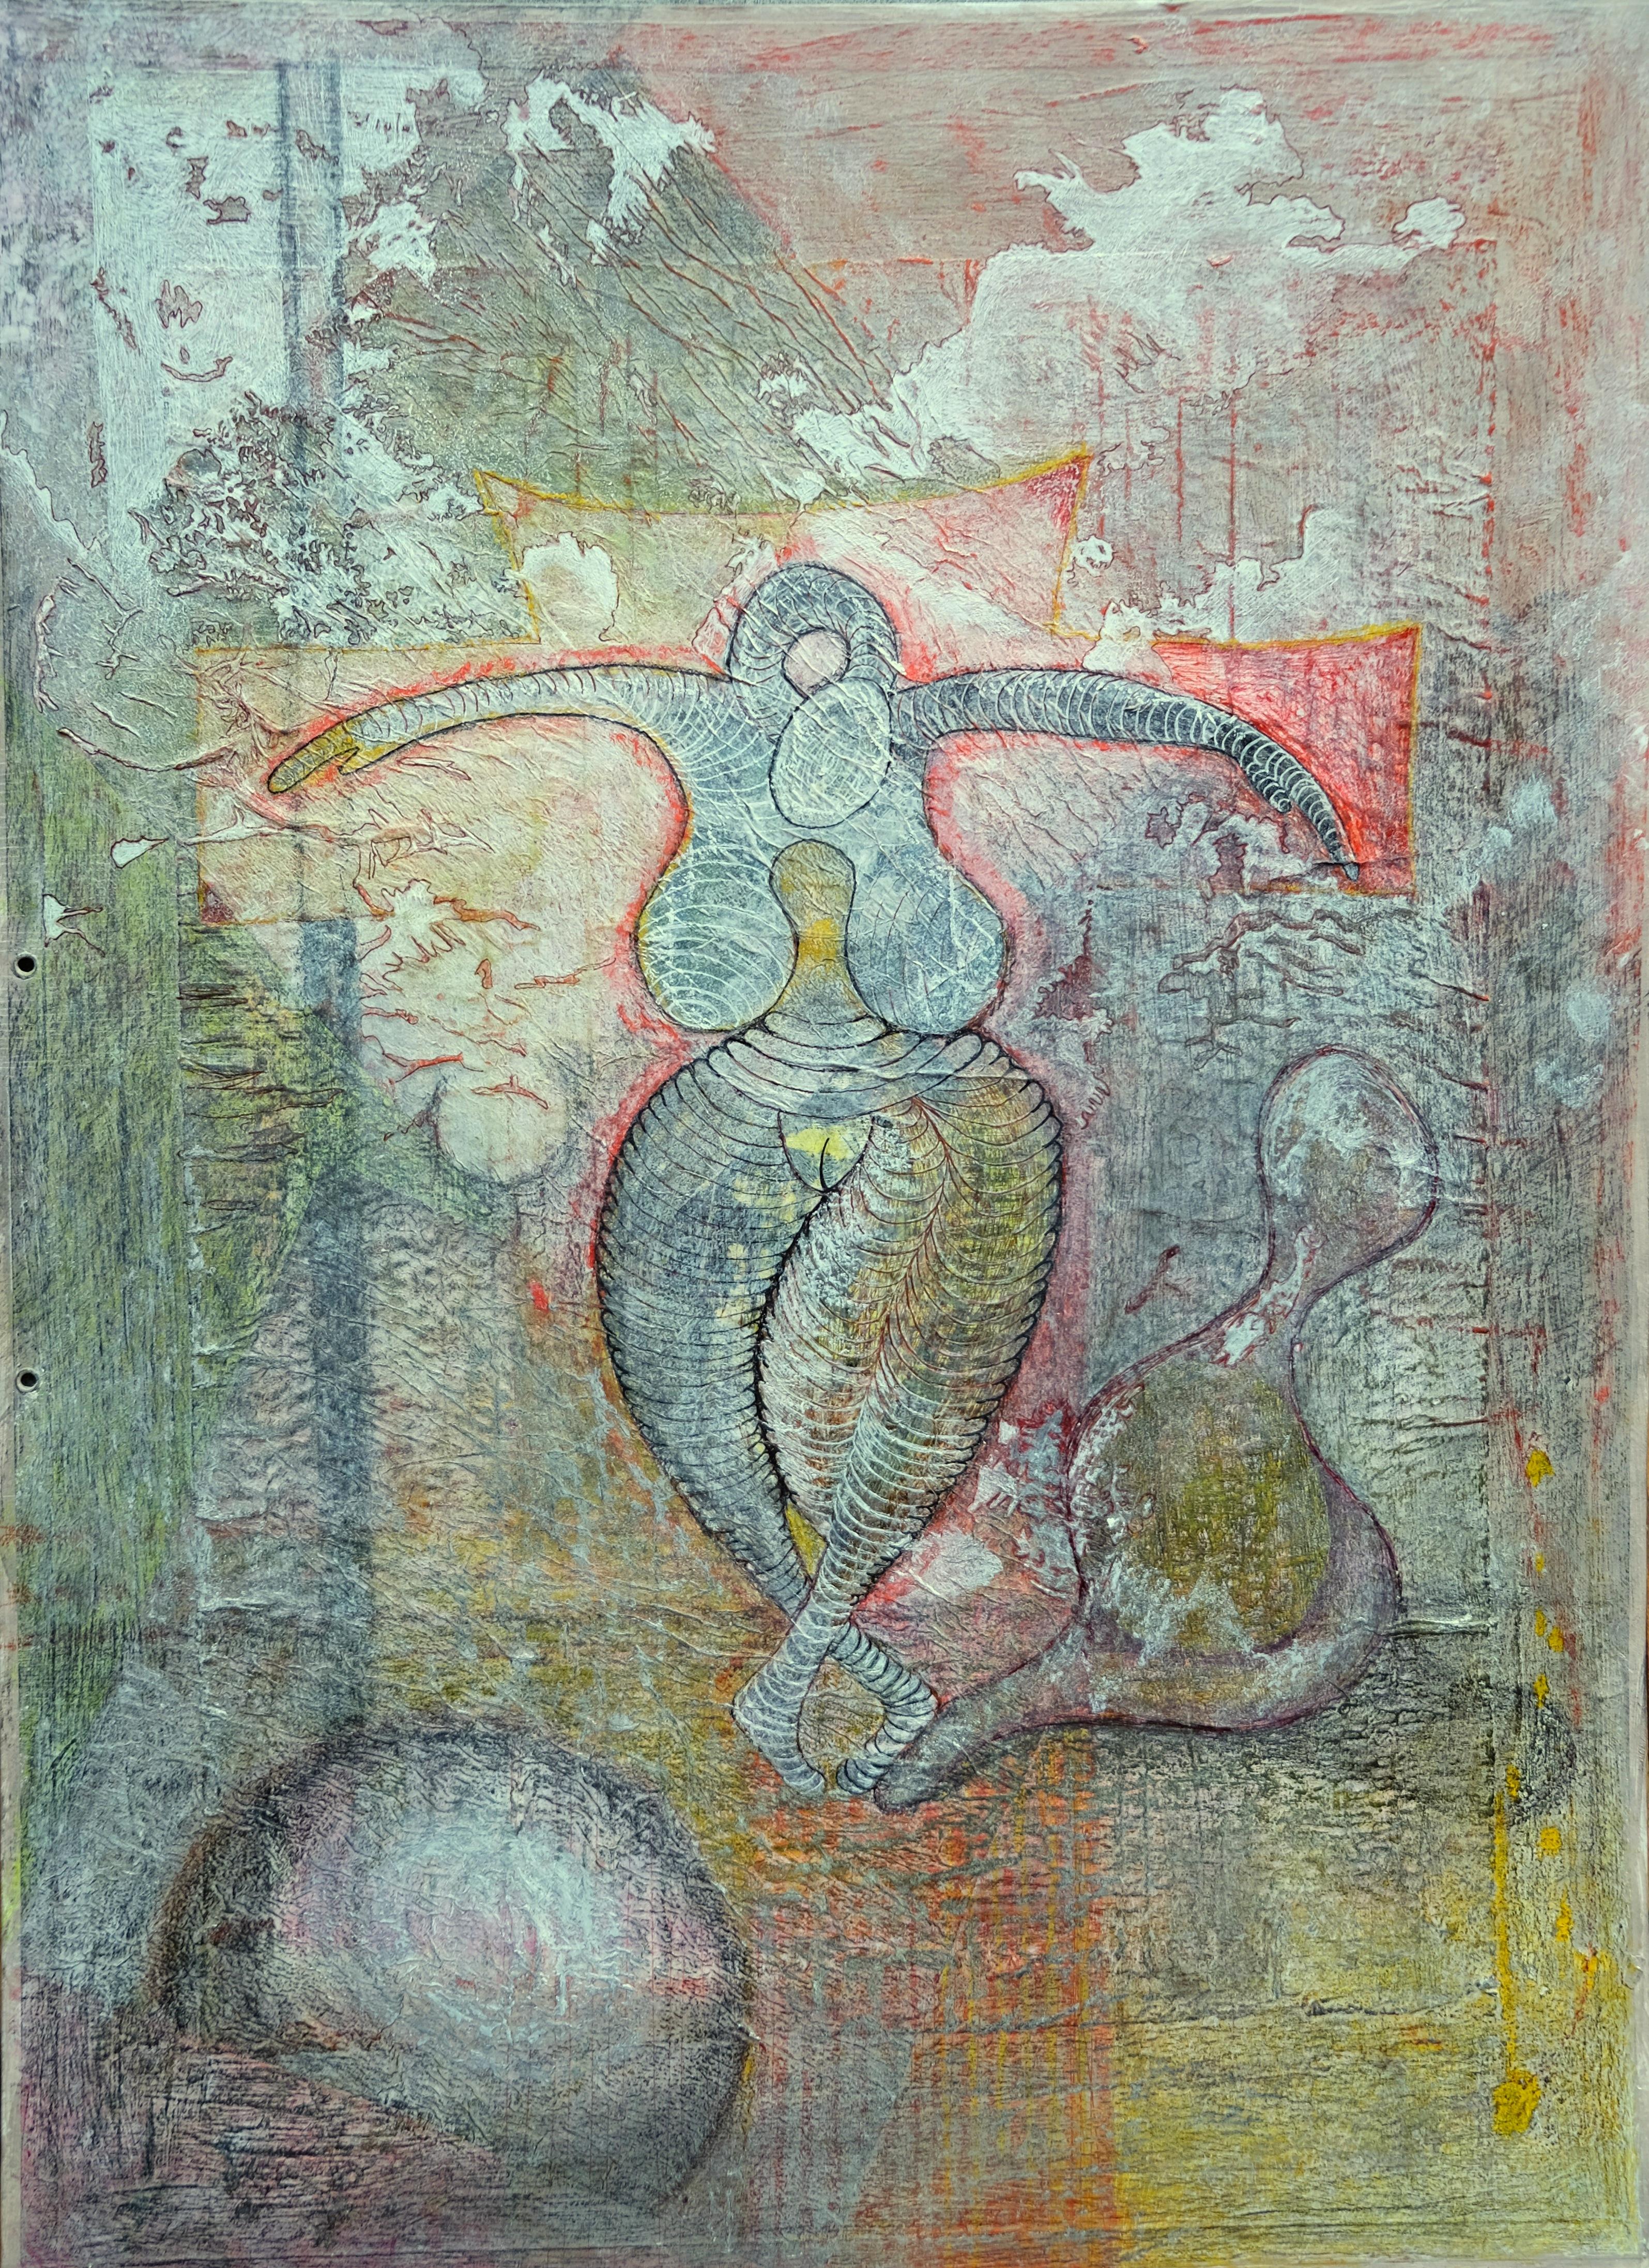 L'ombre de la danseuse, 64x40 cm, tecniq